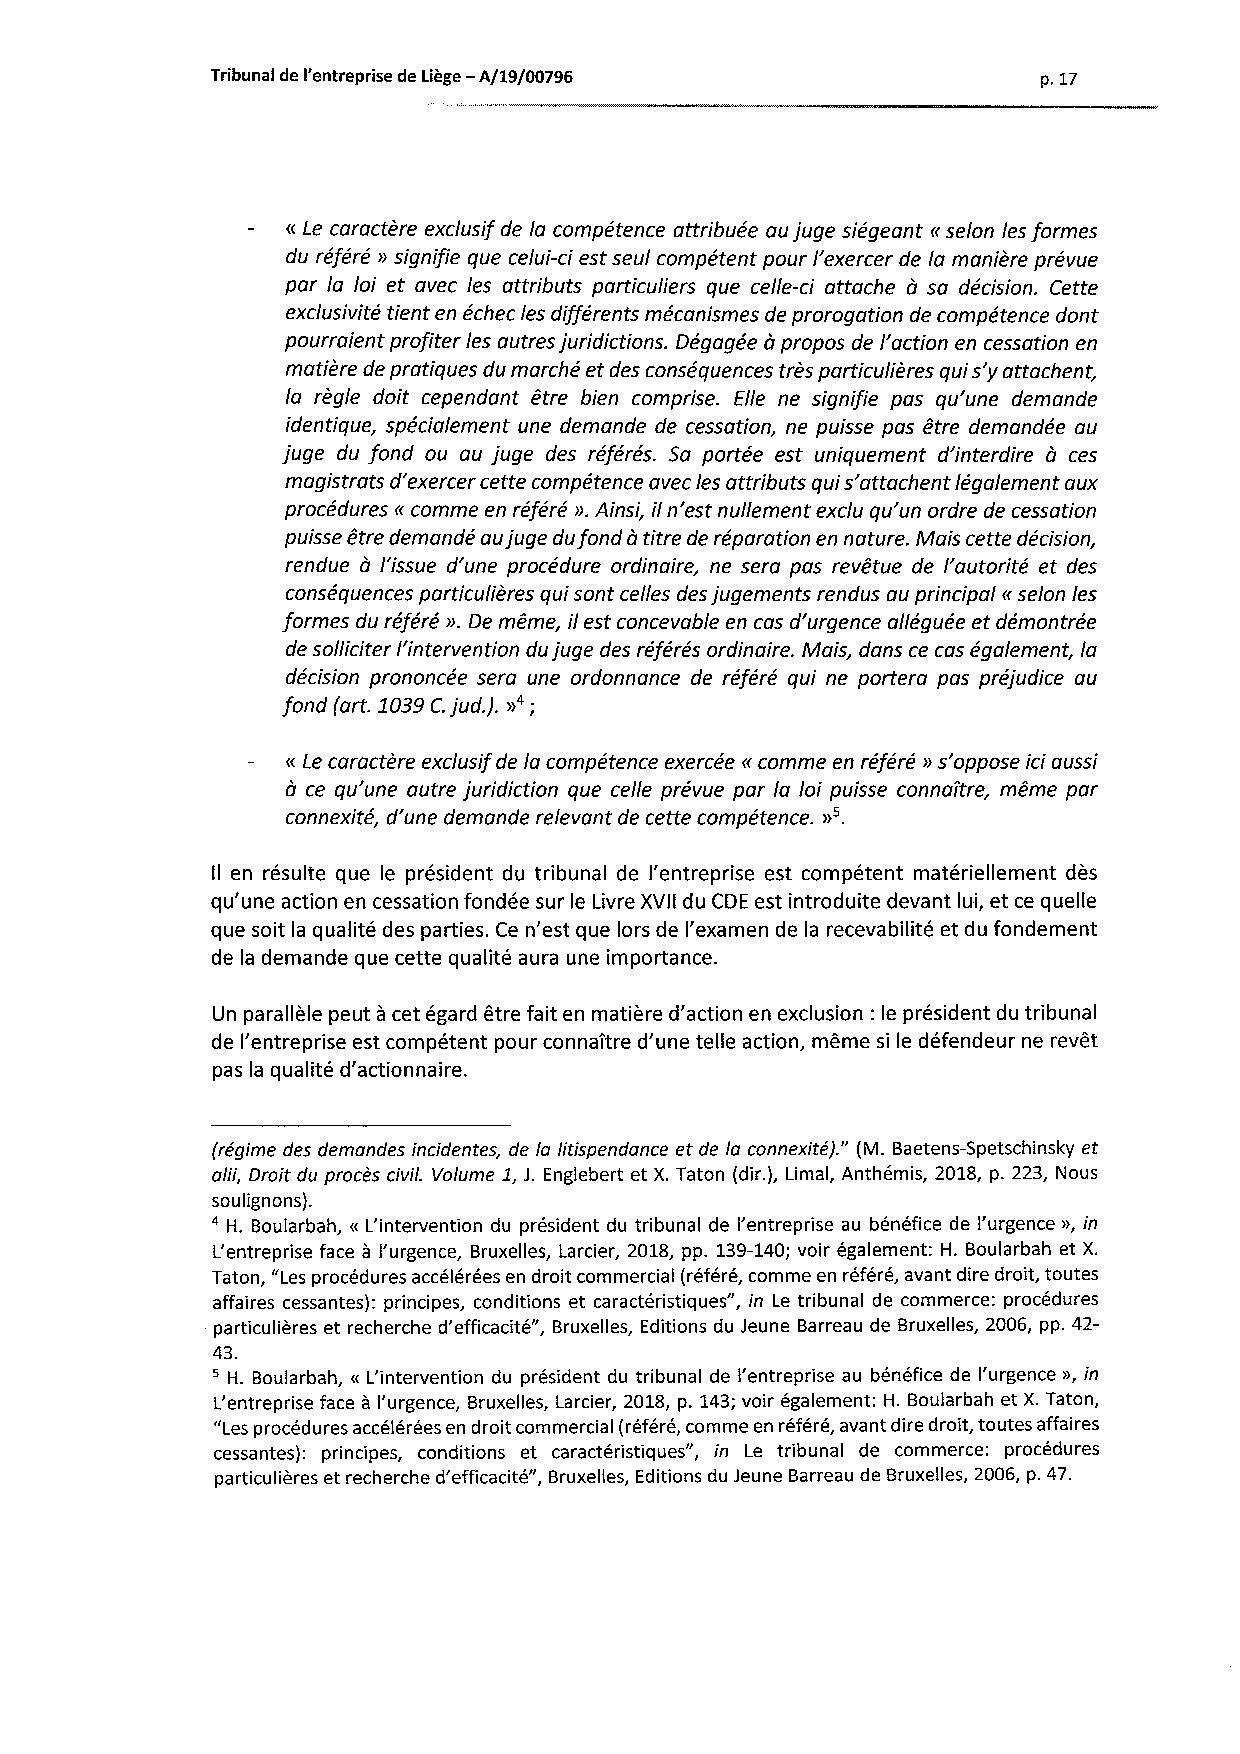 2020 01 10 SUD PRESSE c HERREGAT V et VINCESTONIAN SDE PLC (A-19-00796) aud 6-12-2019-page-017